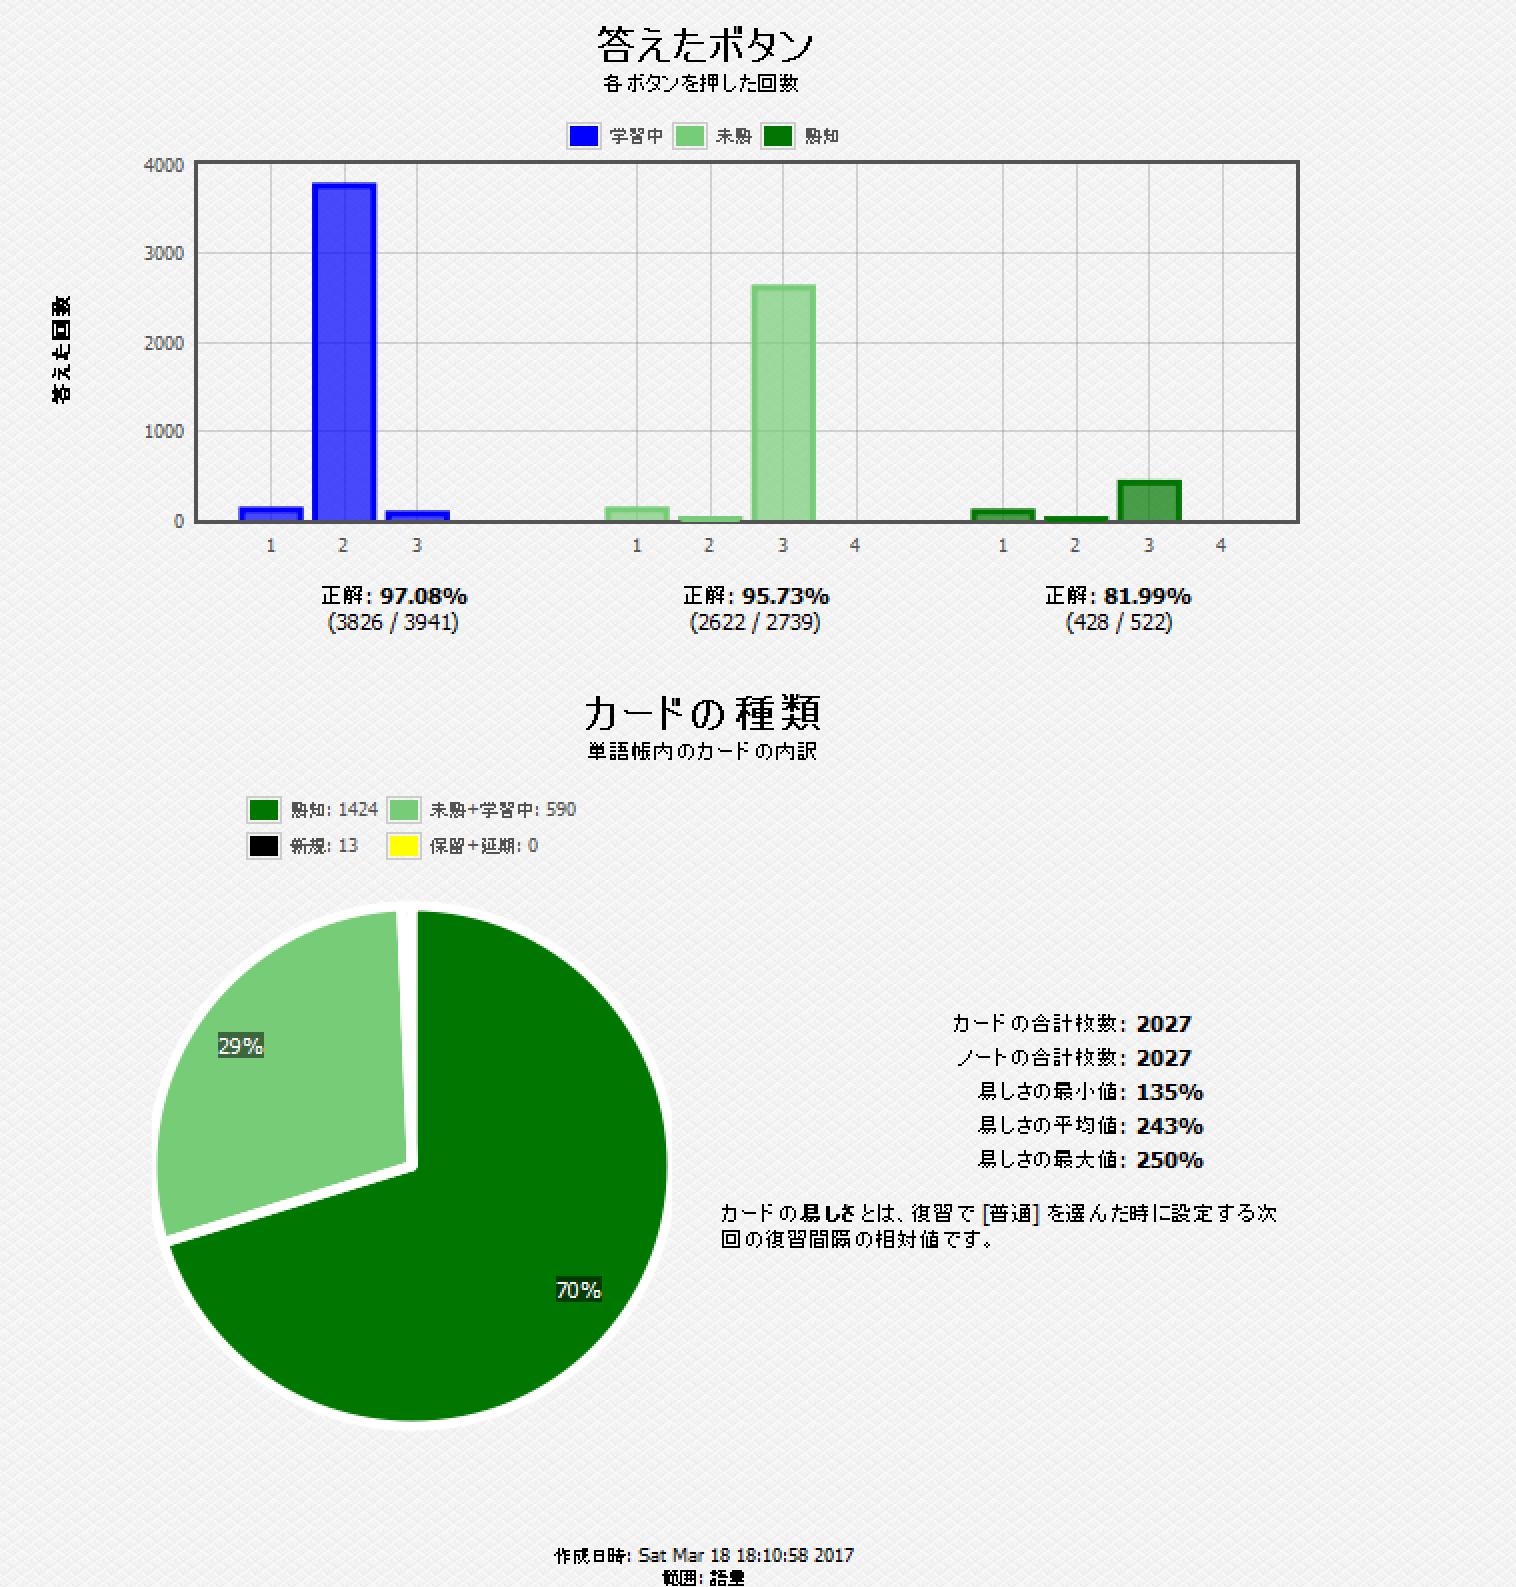 [Image: Anki+03-18+18_11_30-%E7%B5%B1%E8%A8%88.png]